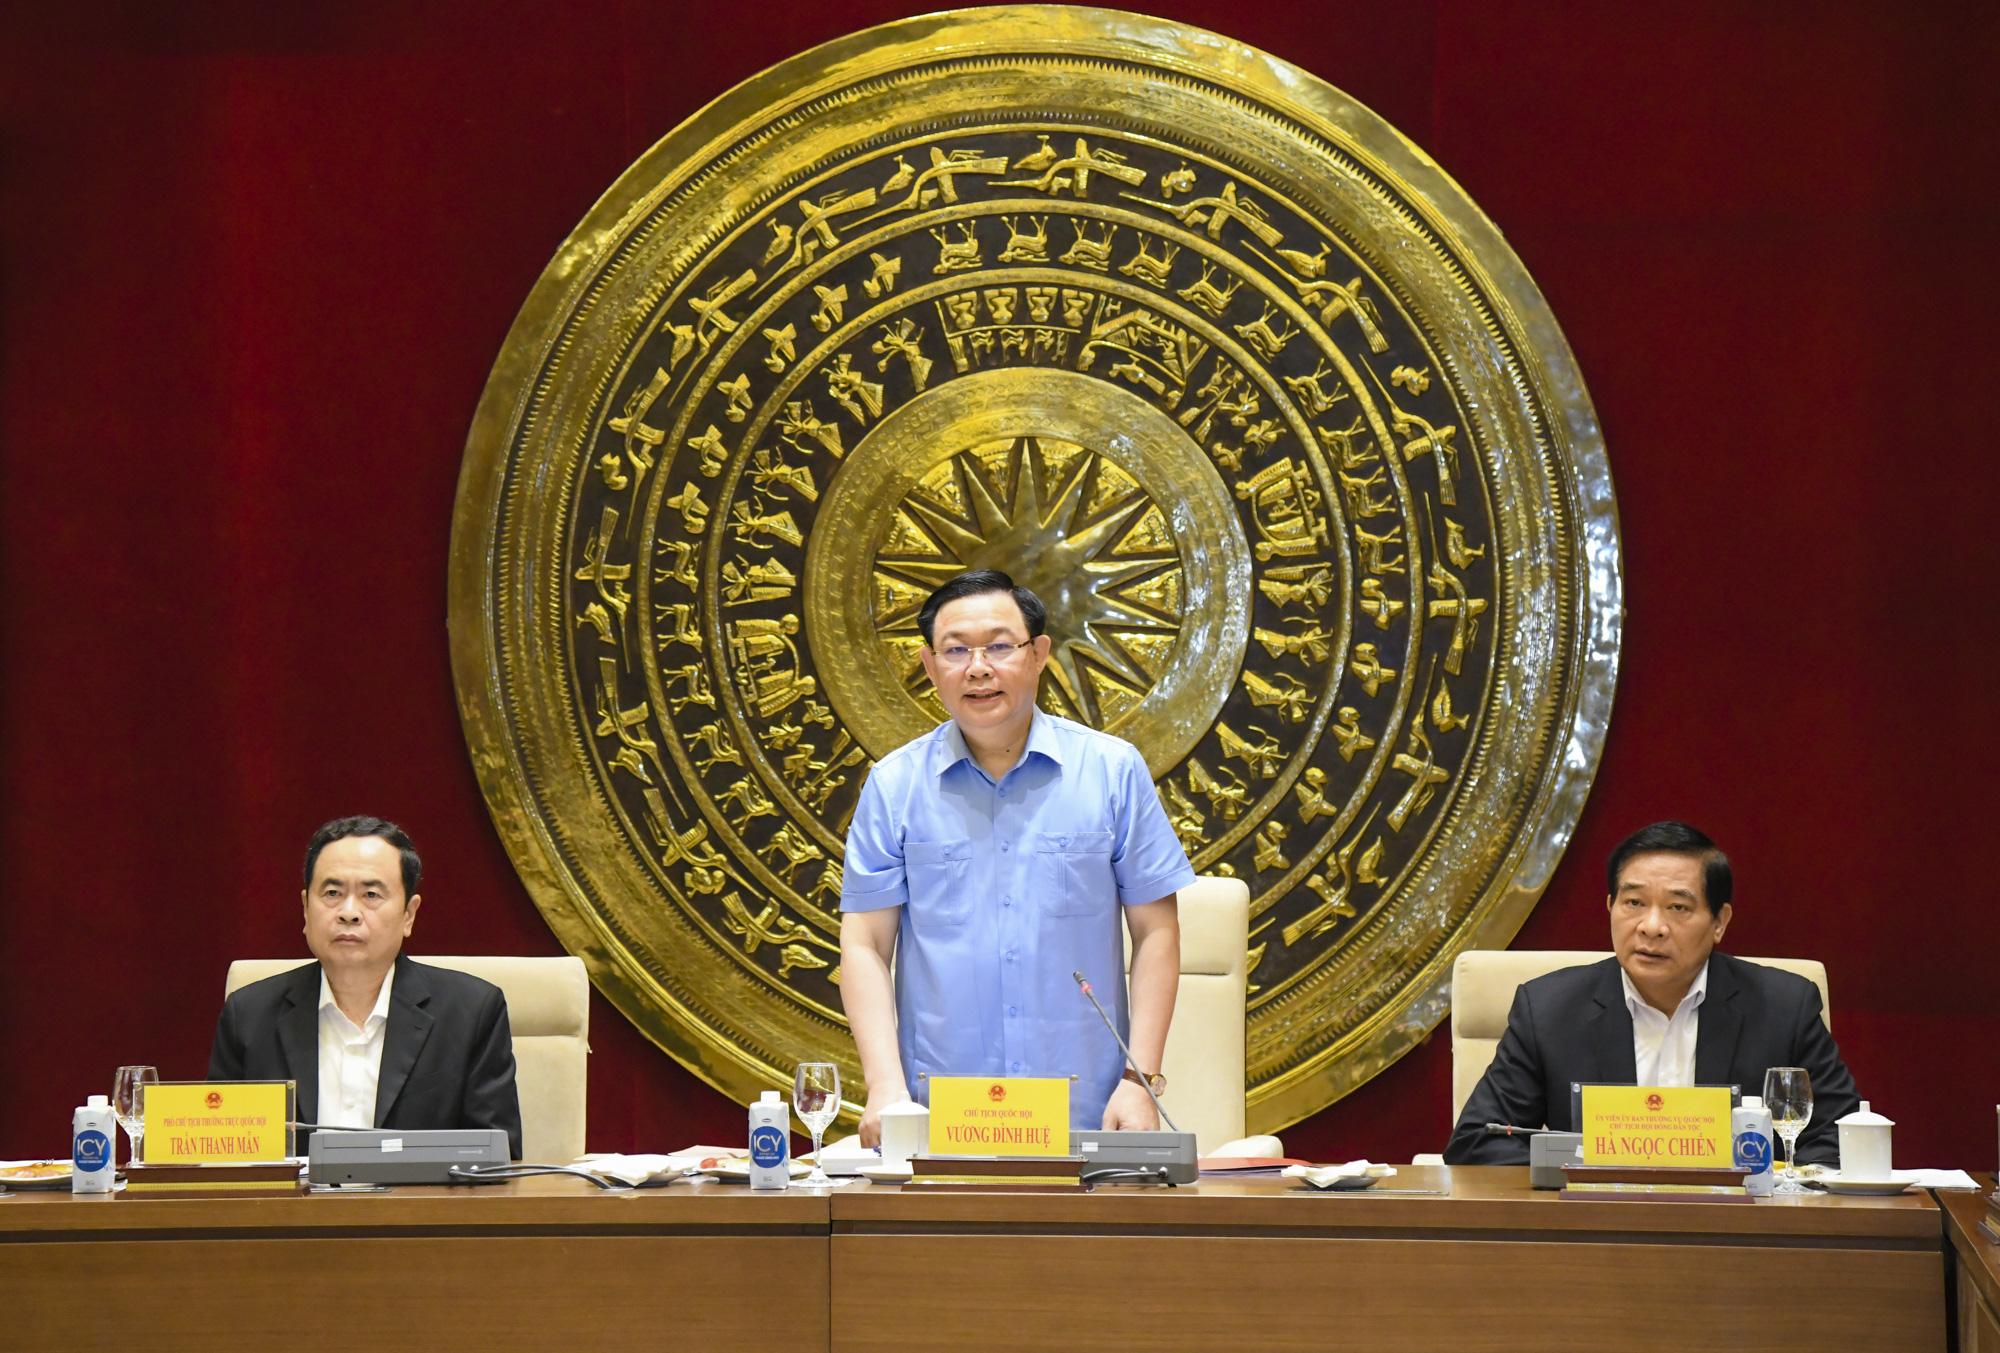 Ảnh: Chủ tịch Quốc hội Vương Đình Huệ làm việc với Hội đồng Dân tộc - Ảnh 2.